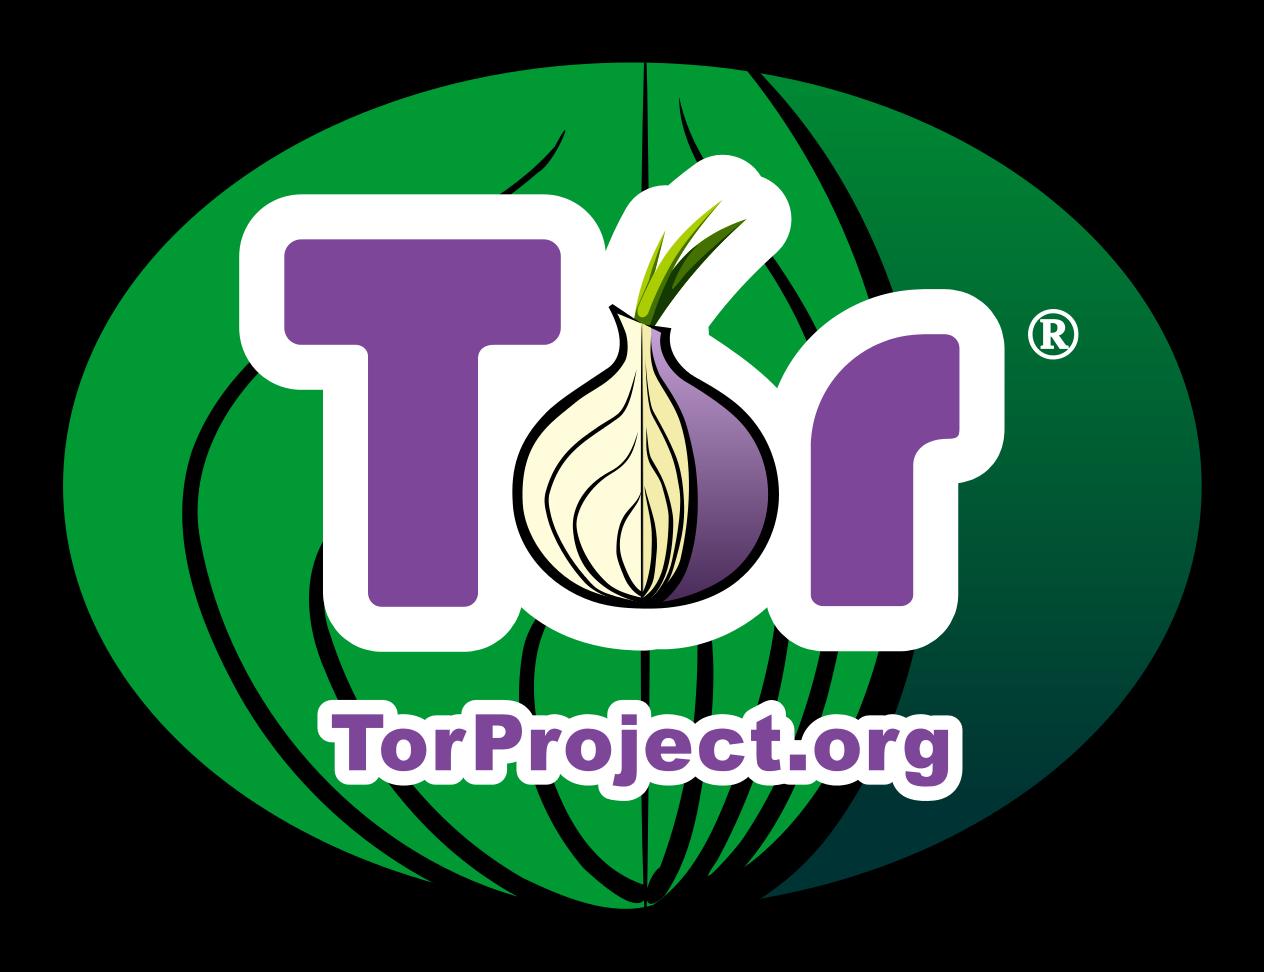 Картинка Округлый логотип Tor